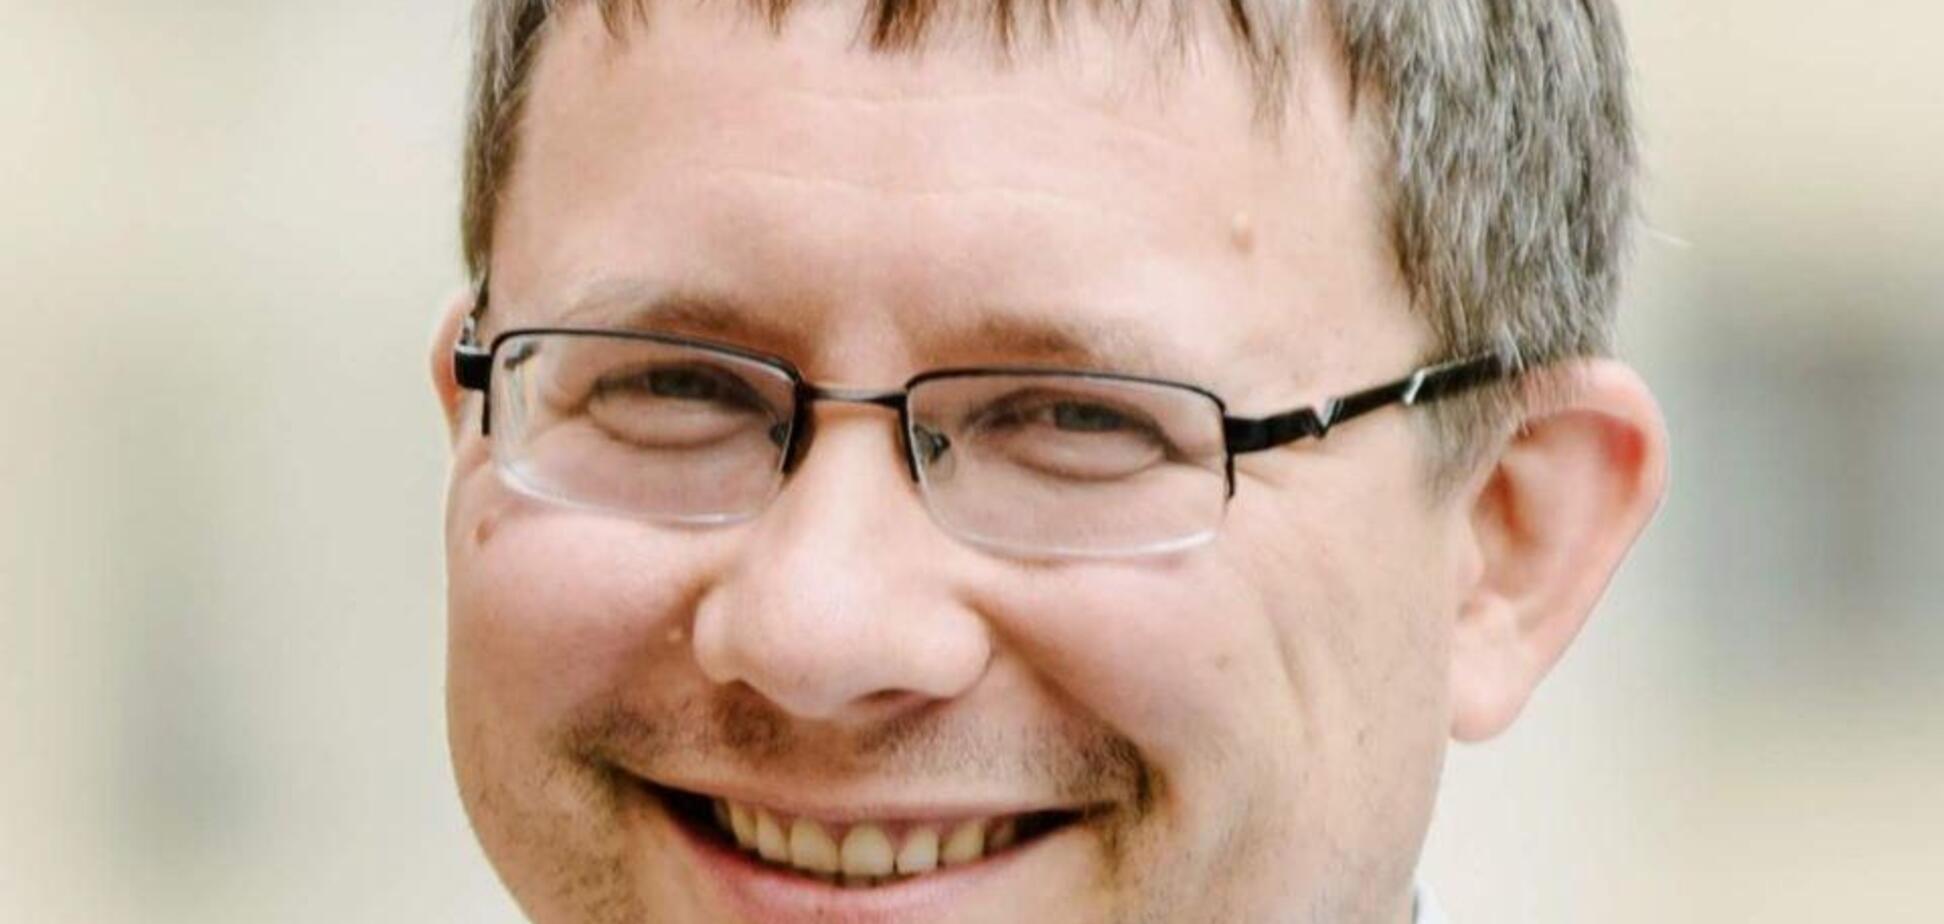 Економічна криза через пандемію COVID-19: Андрій Яницький про стратегічні та фінансові запобіжники для бізнесу